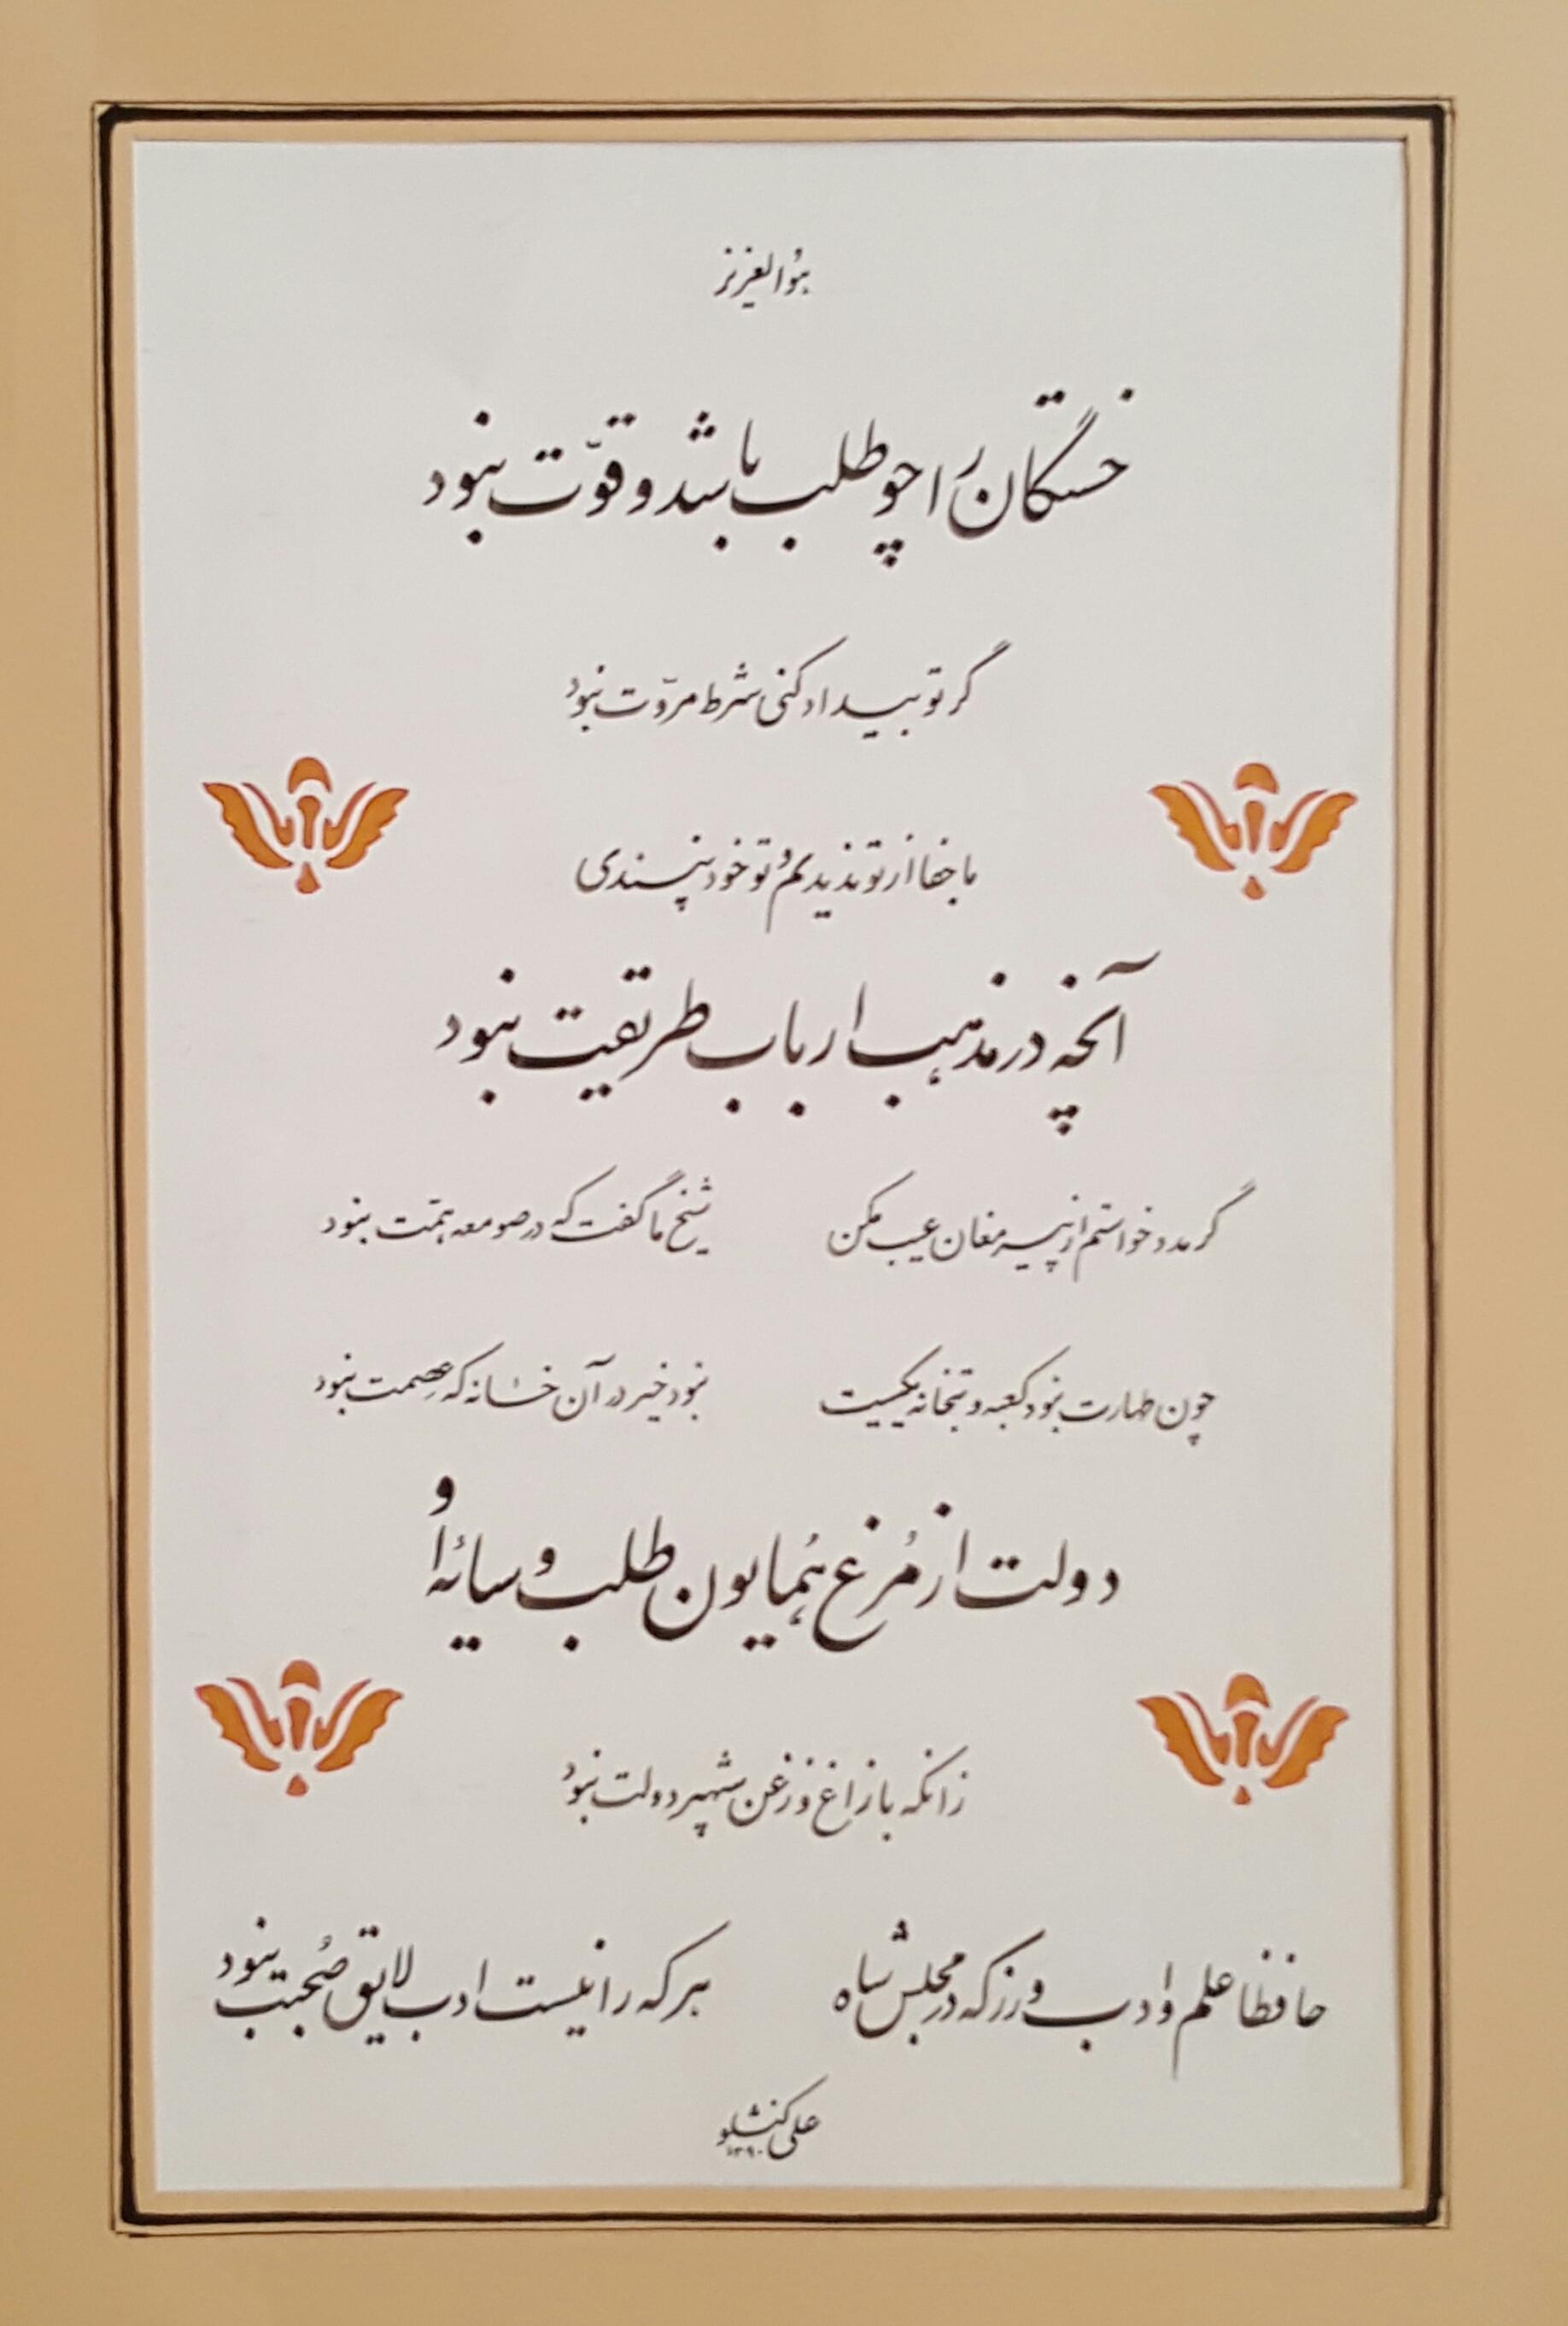 باروک آموزشگاه نقاشی و خوشنویسی شرق تهران